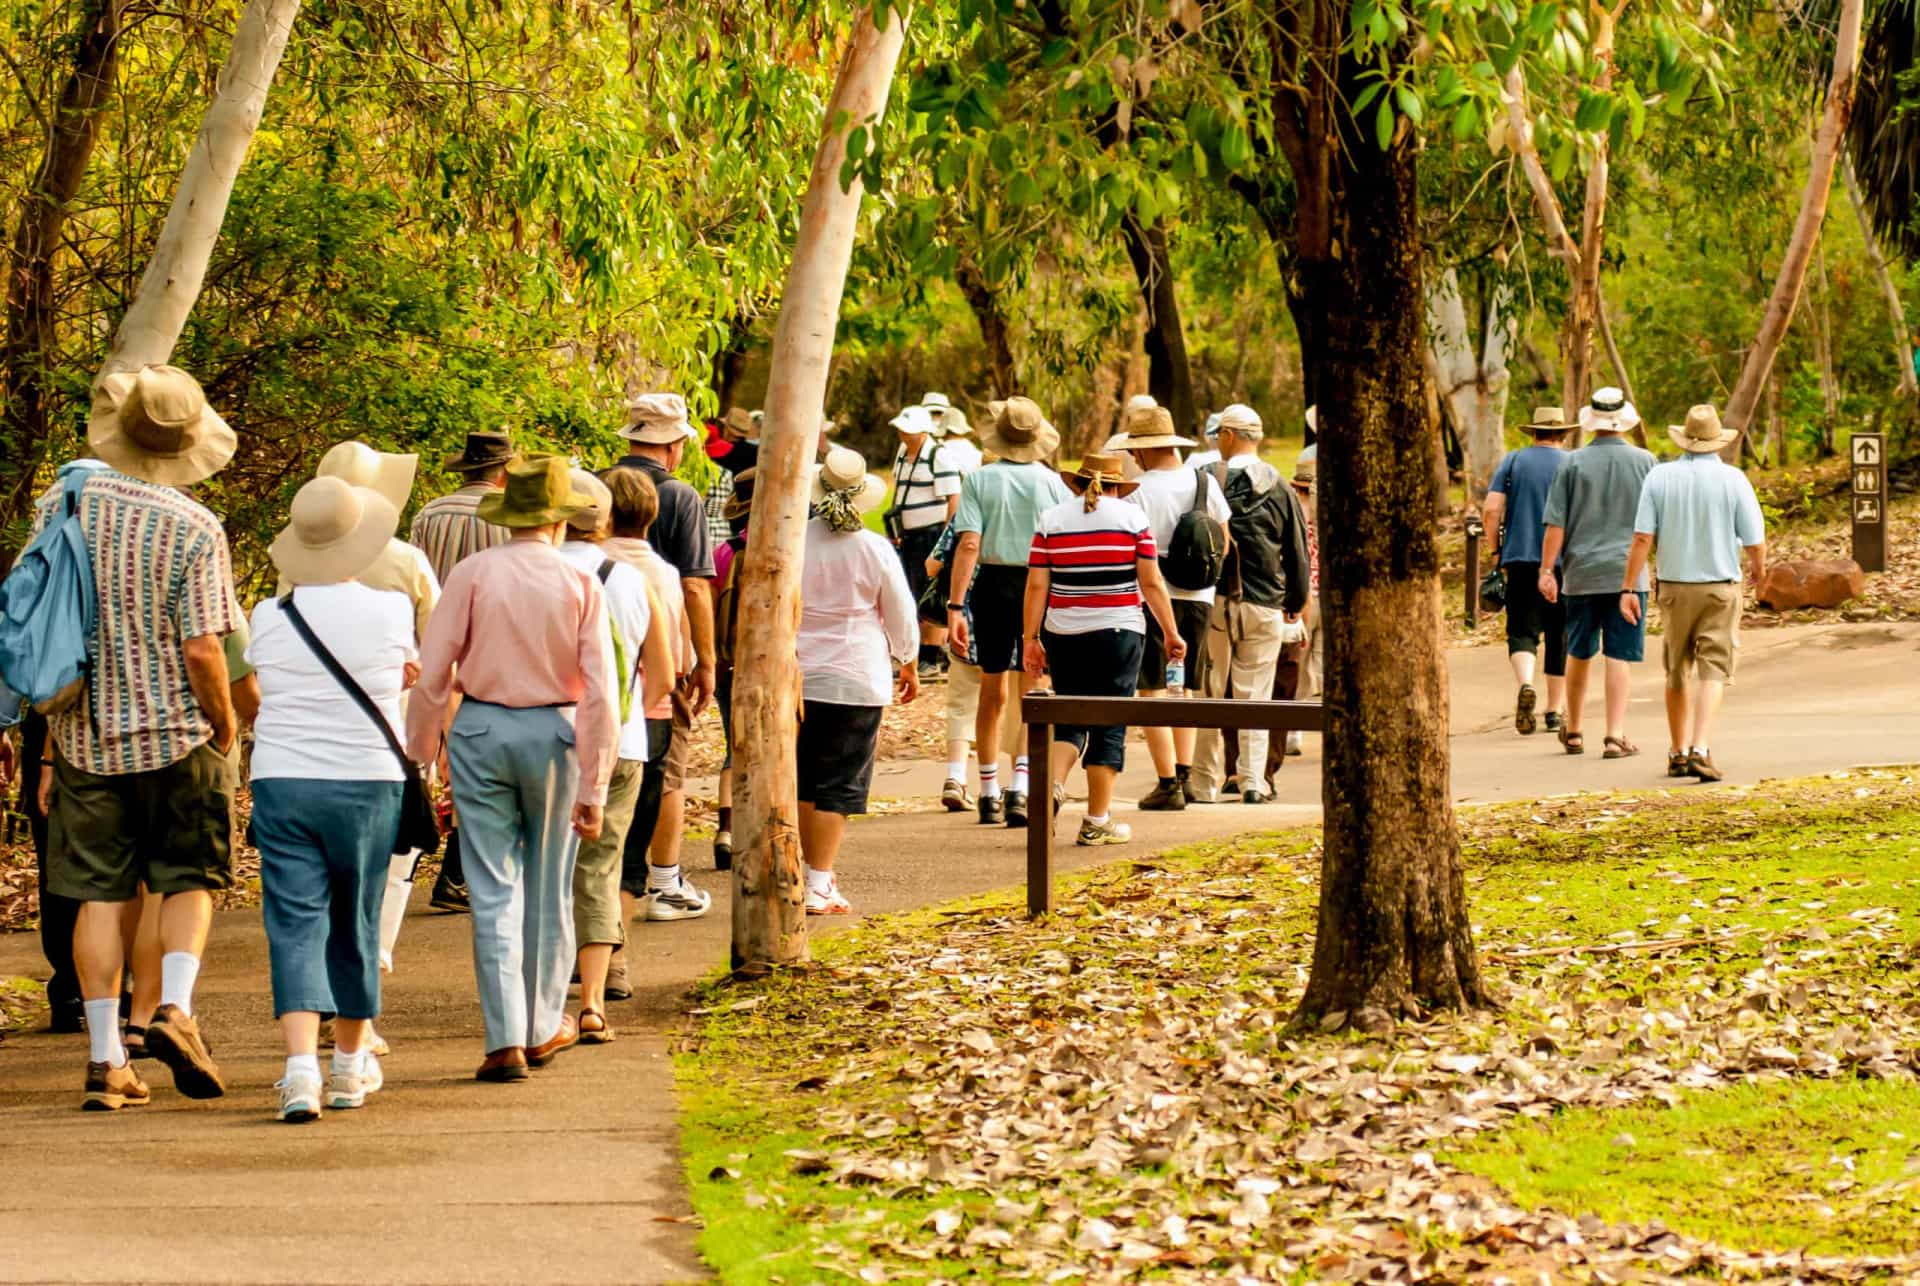 Os benefícios para a saúde da caminhada